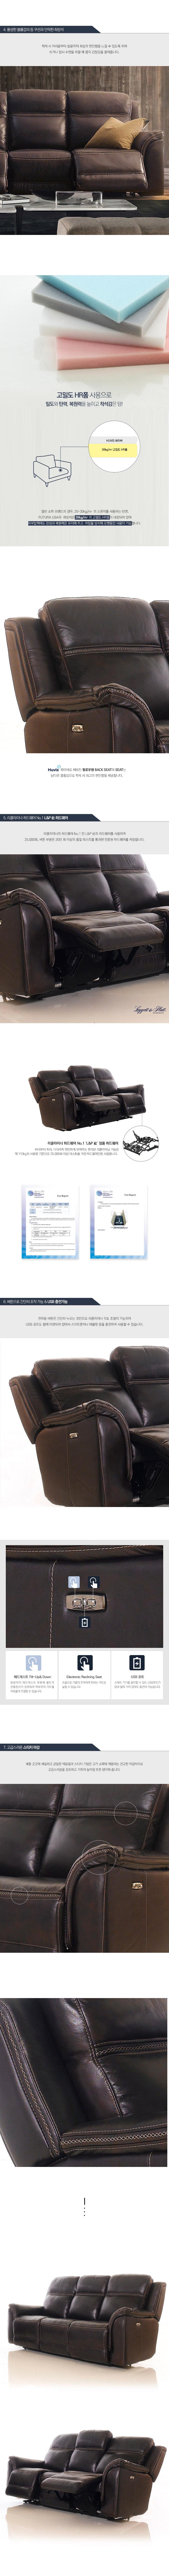 E1404-sofa-add-4.jpg